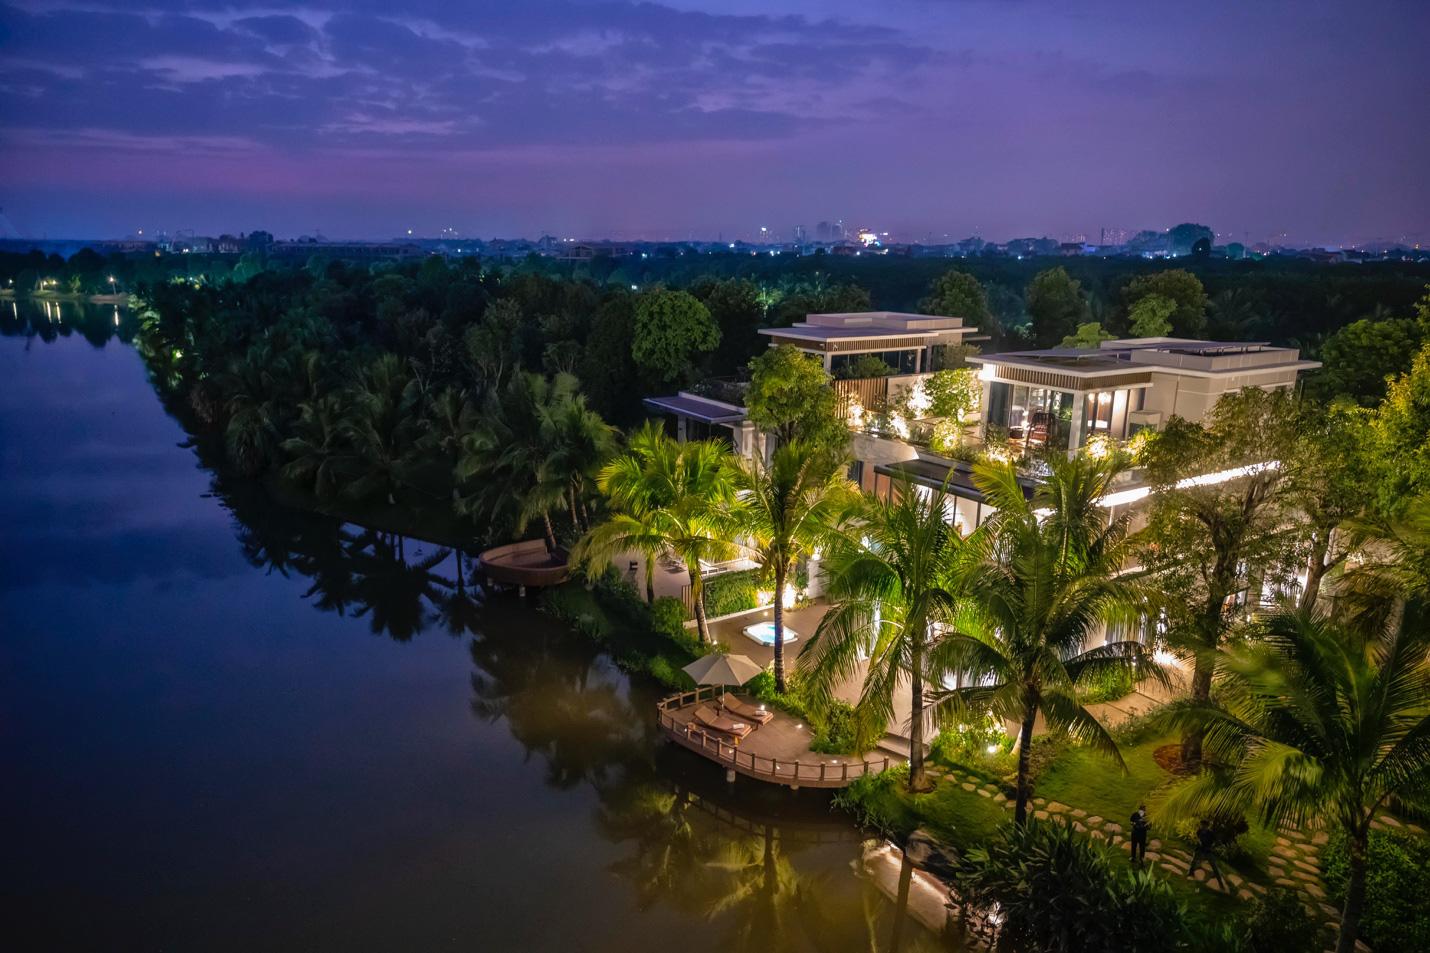 Khám phá vẻ đẹp bền vững tại những căn biệt thự đảo triệu đô Ecopark - Ảnh 2.